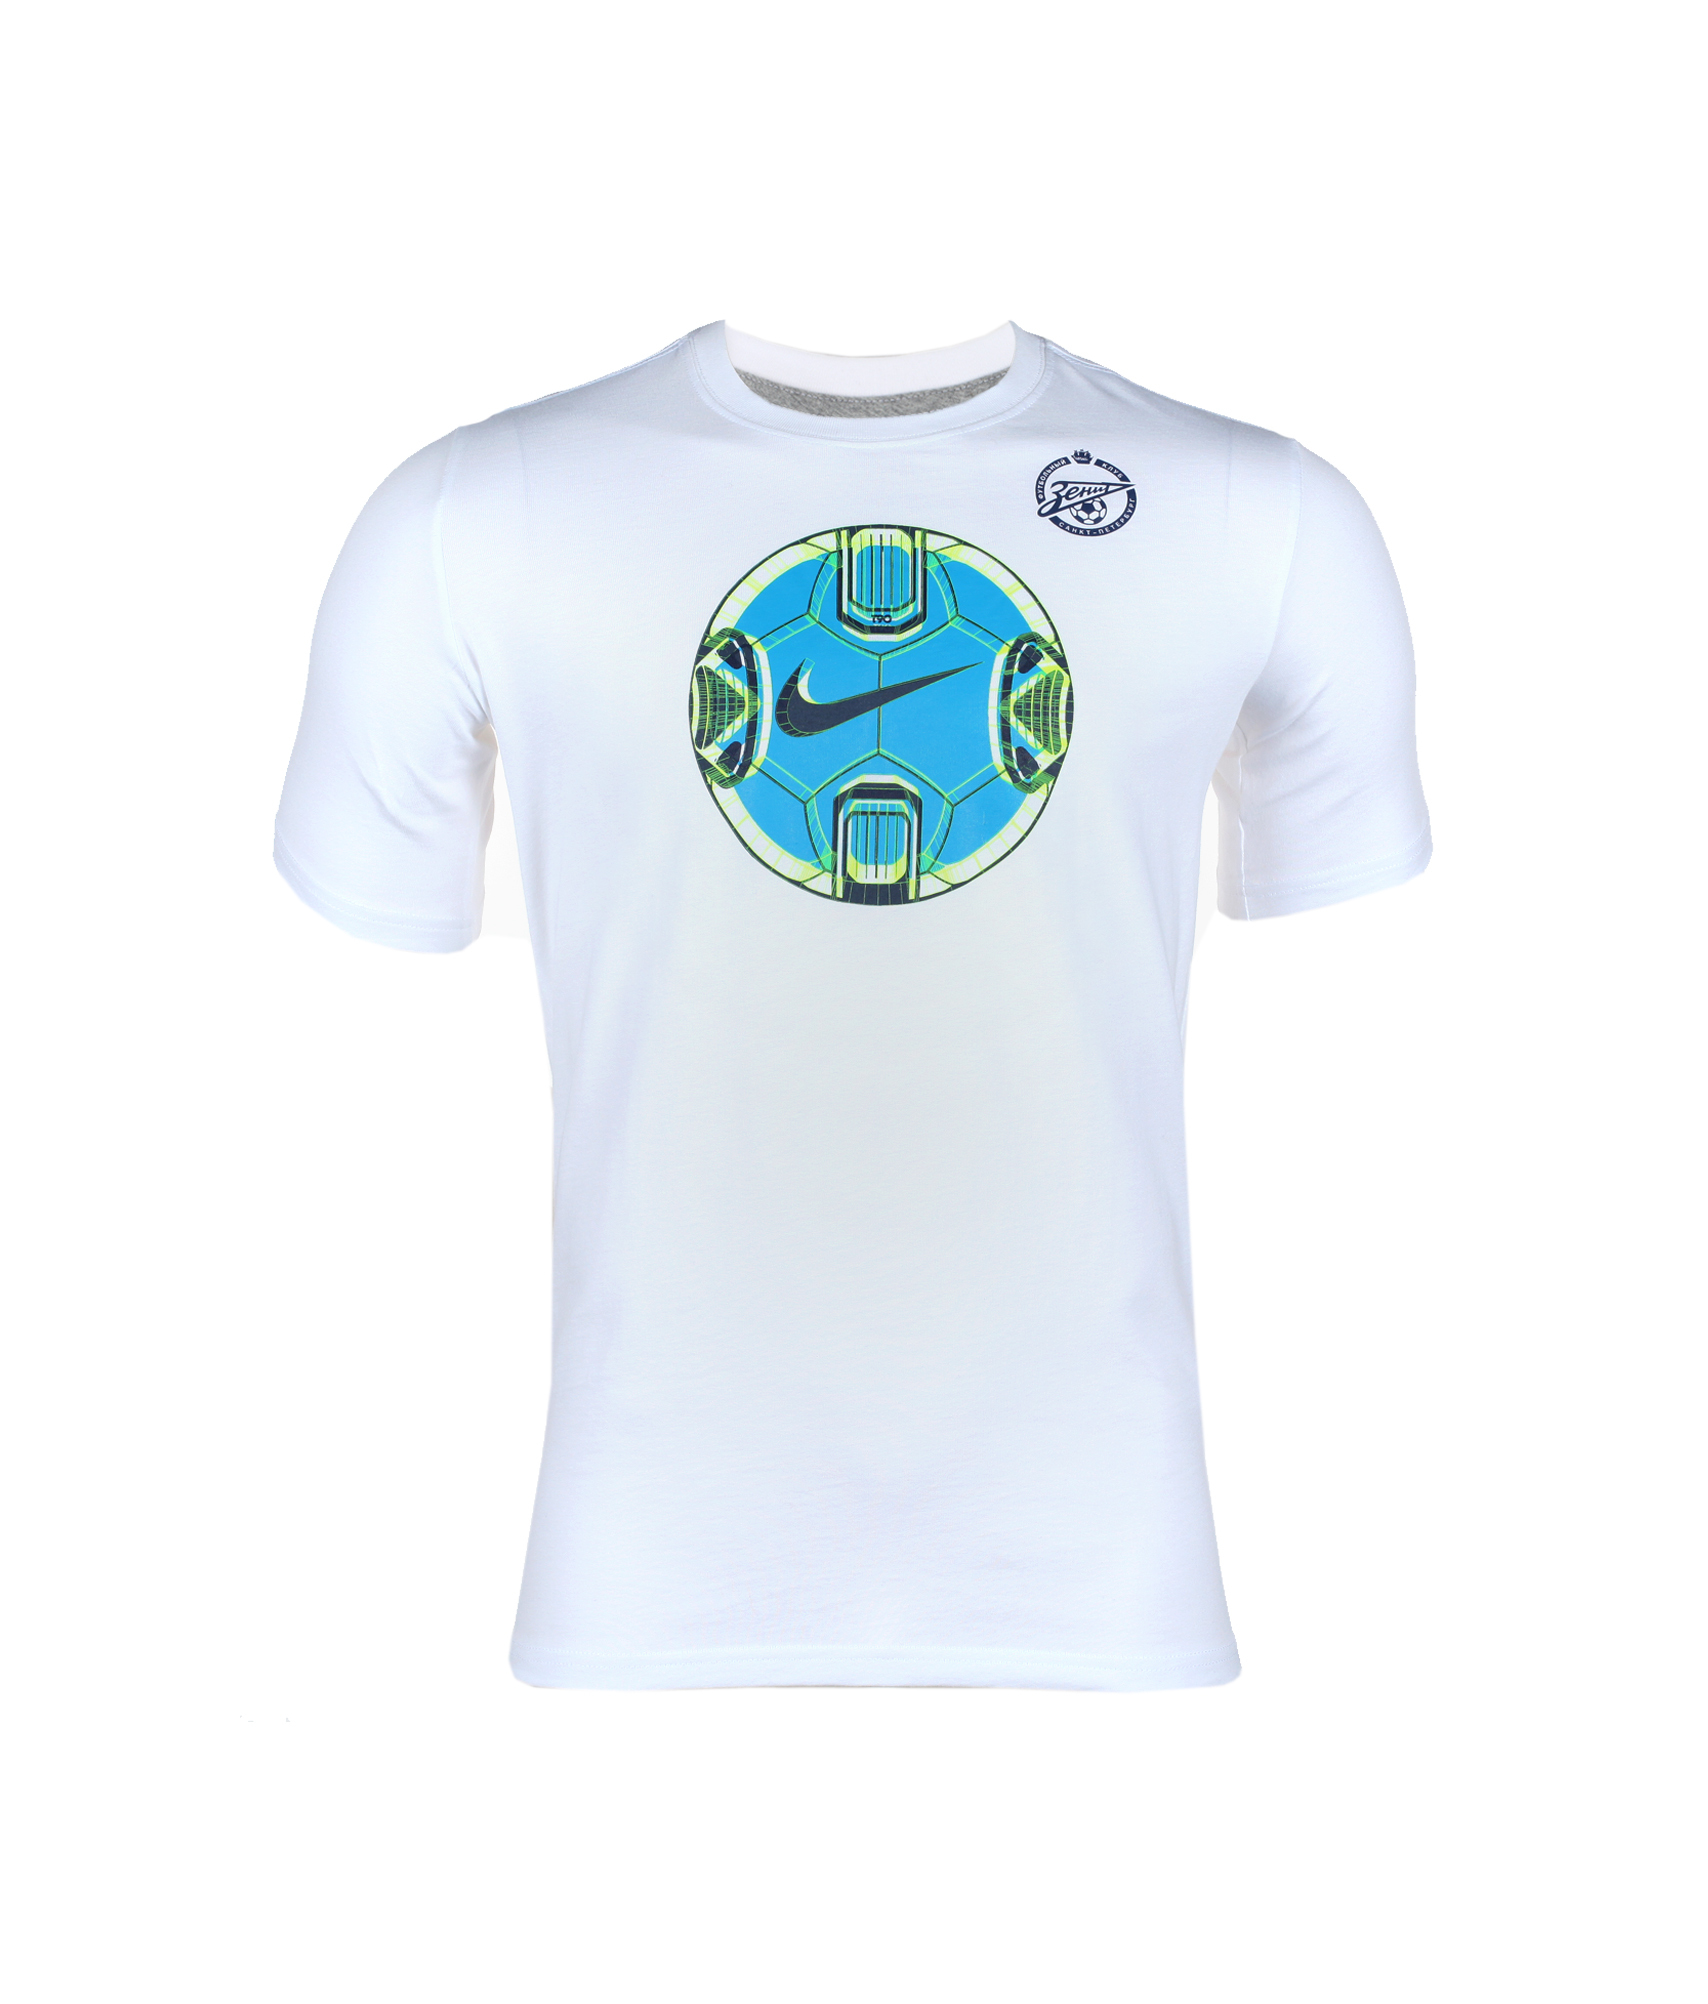 Футболка SS FOOTBALL TEE YTH , Цвет-Белый, Размер-XL